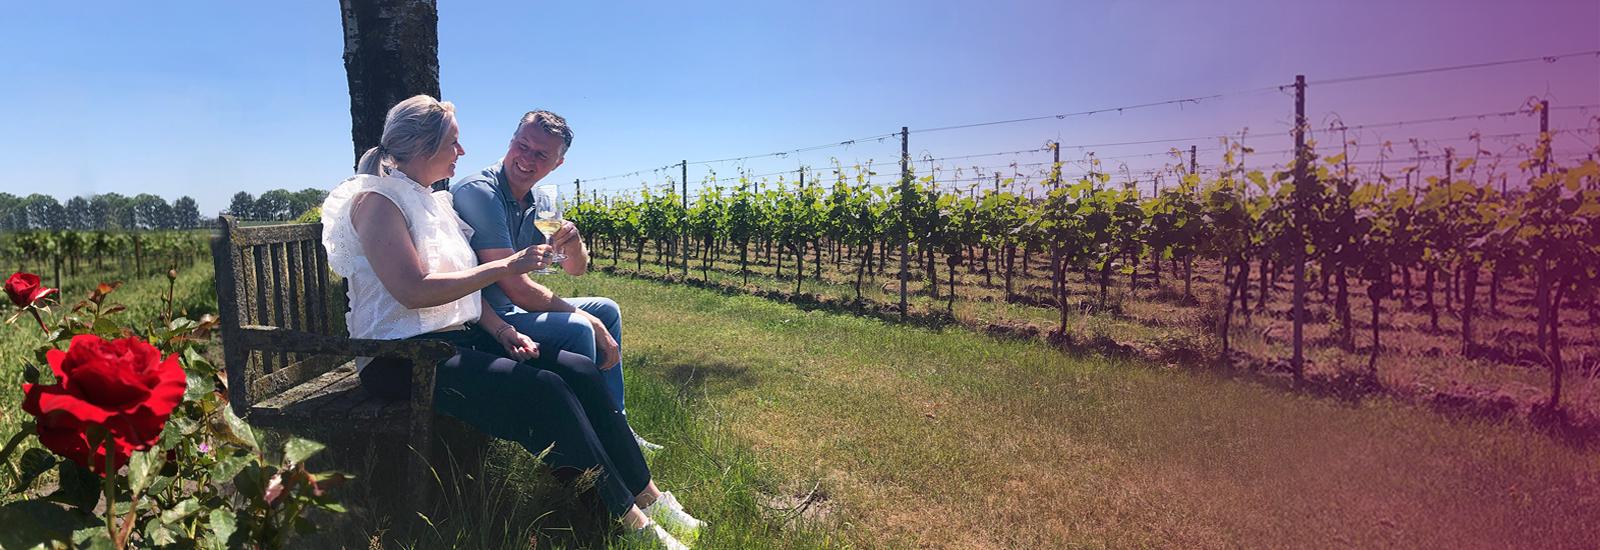 WijnToer - In de Wijngaard terras